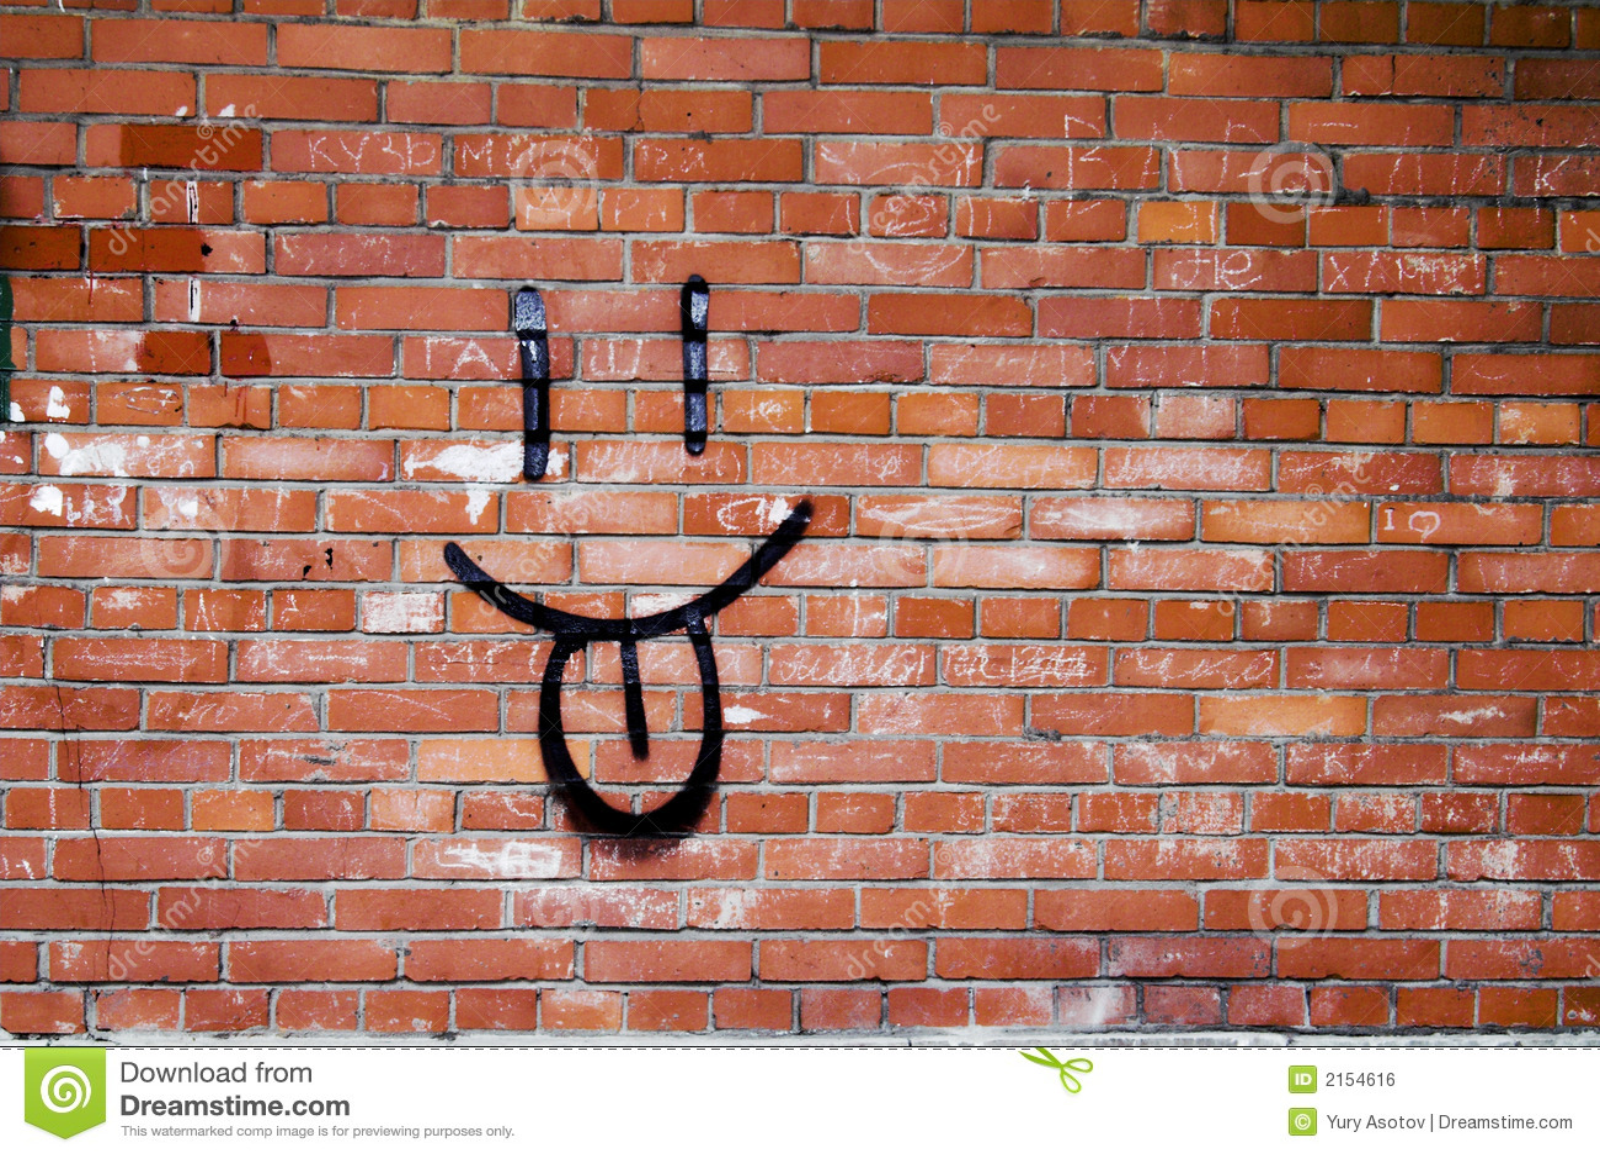 Graffiti de mur de briques et de sourire photo stock image du rep re illustration 2154616 - Mur privatif droit et devoir ...